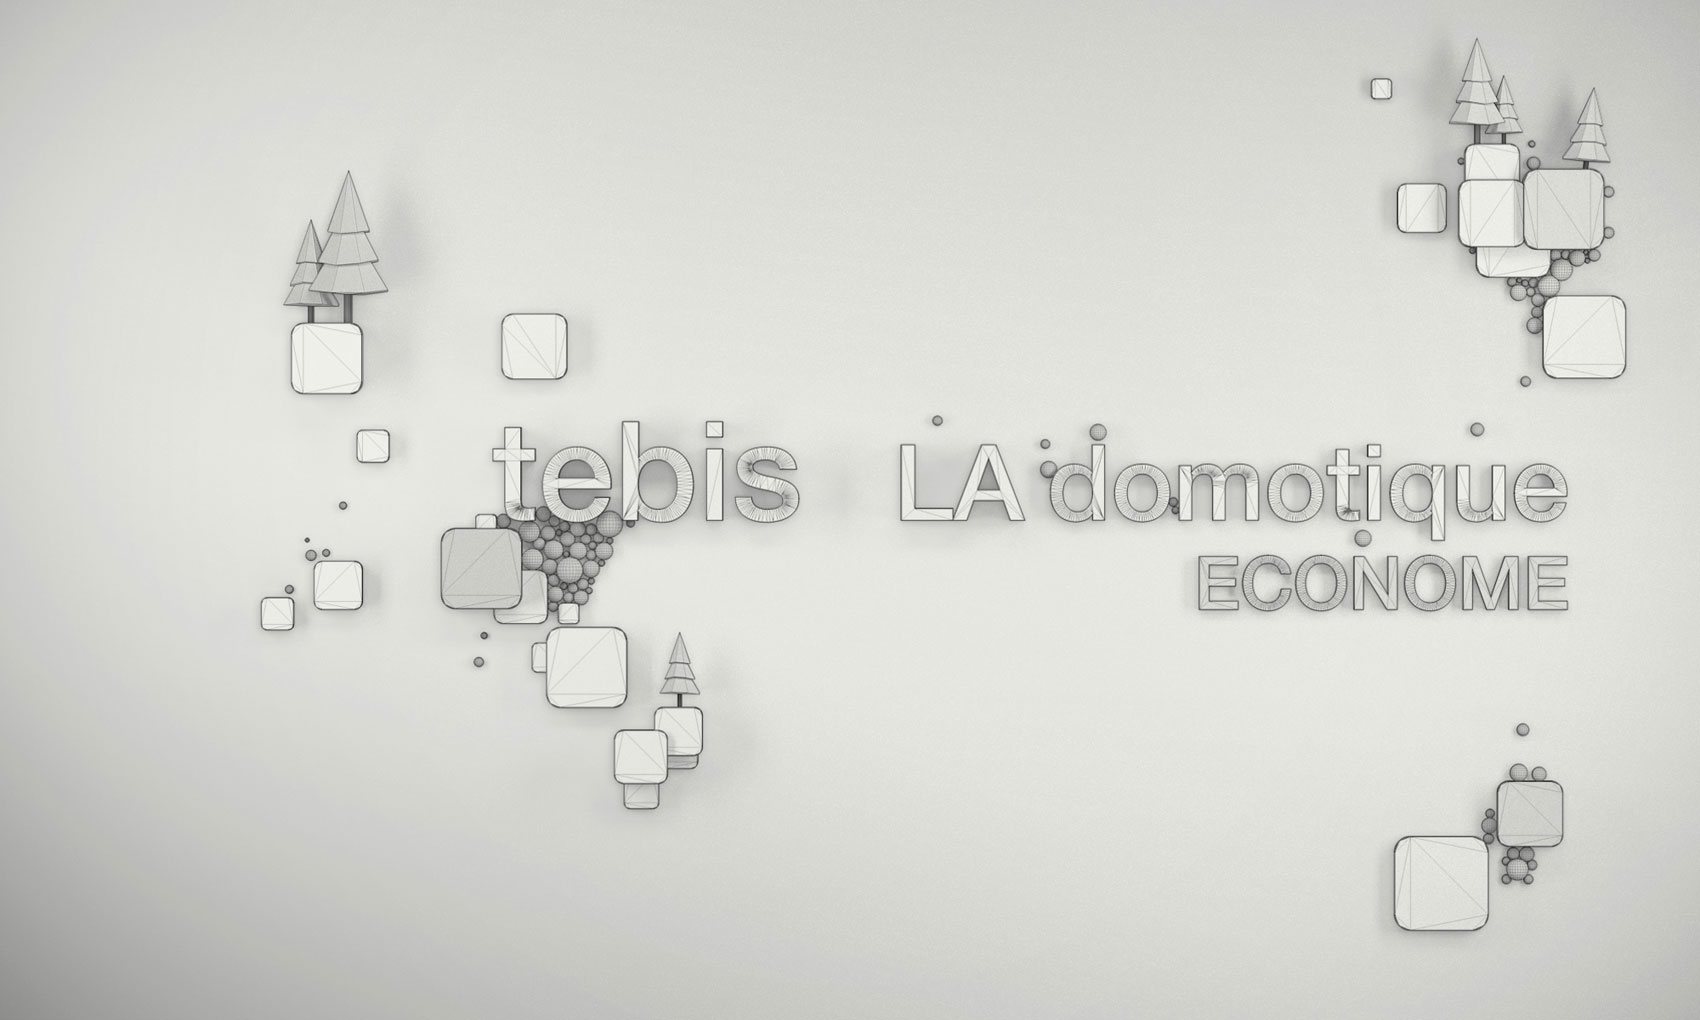 tebis-la-domotique-1